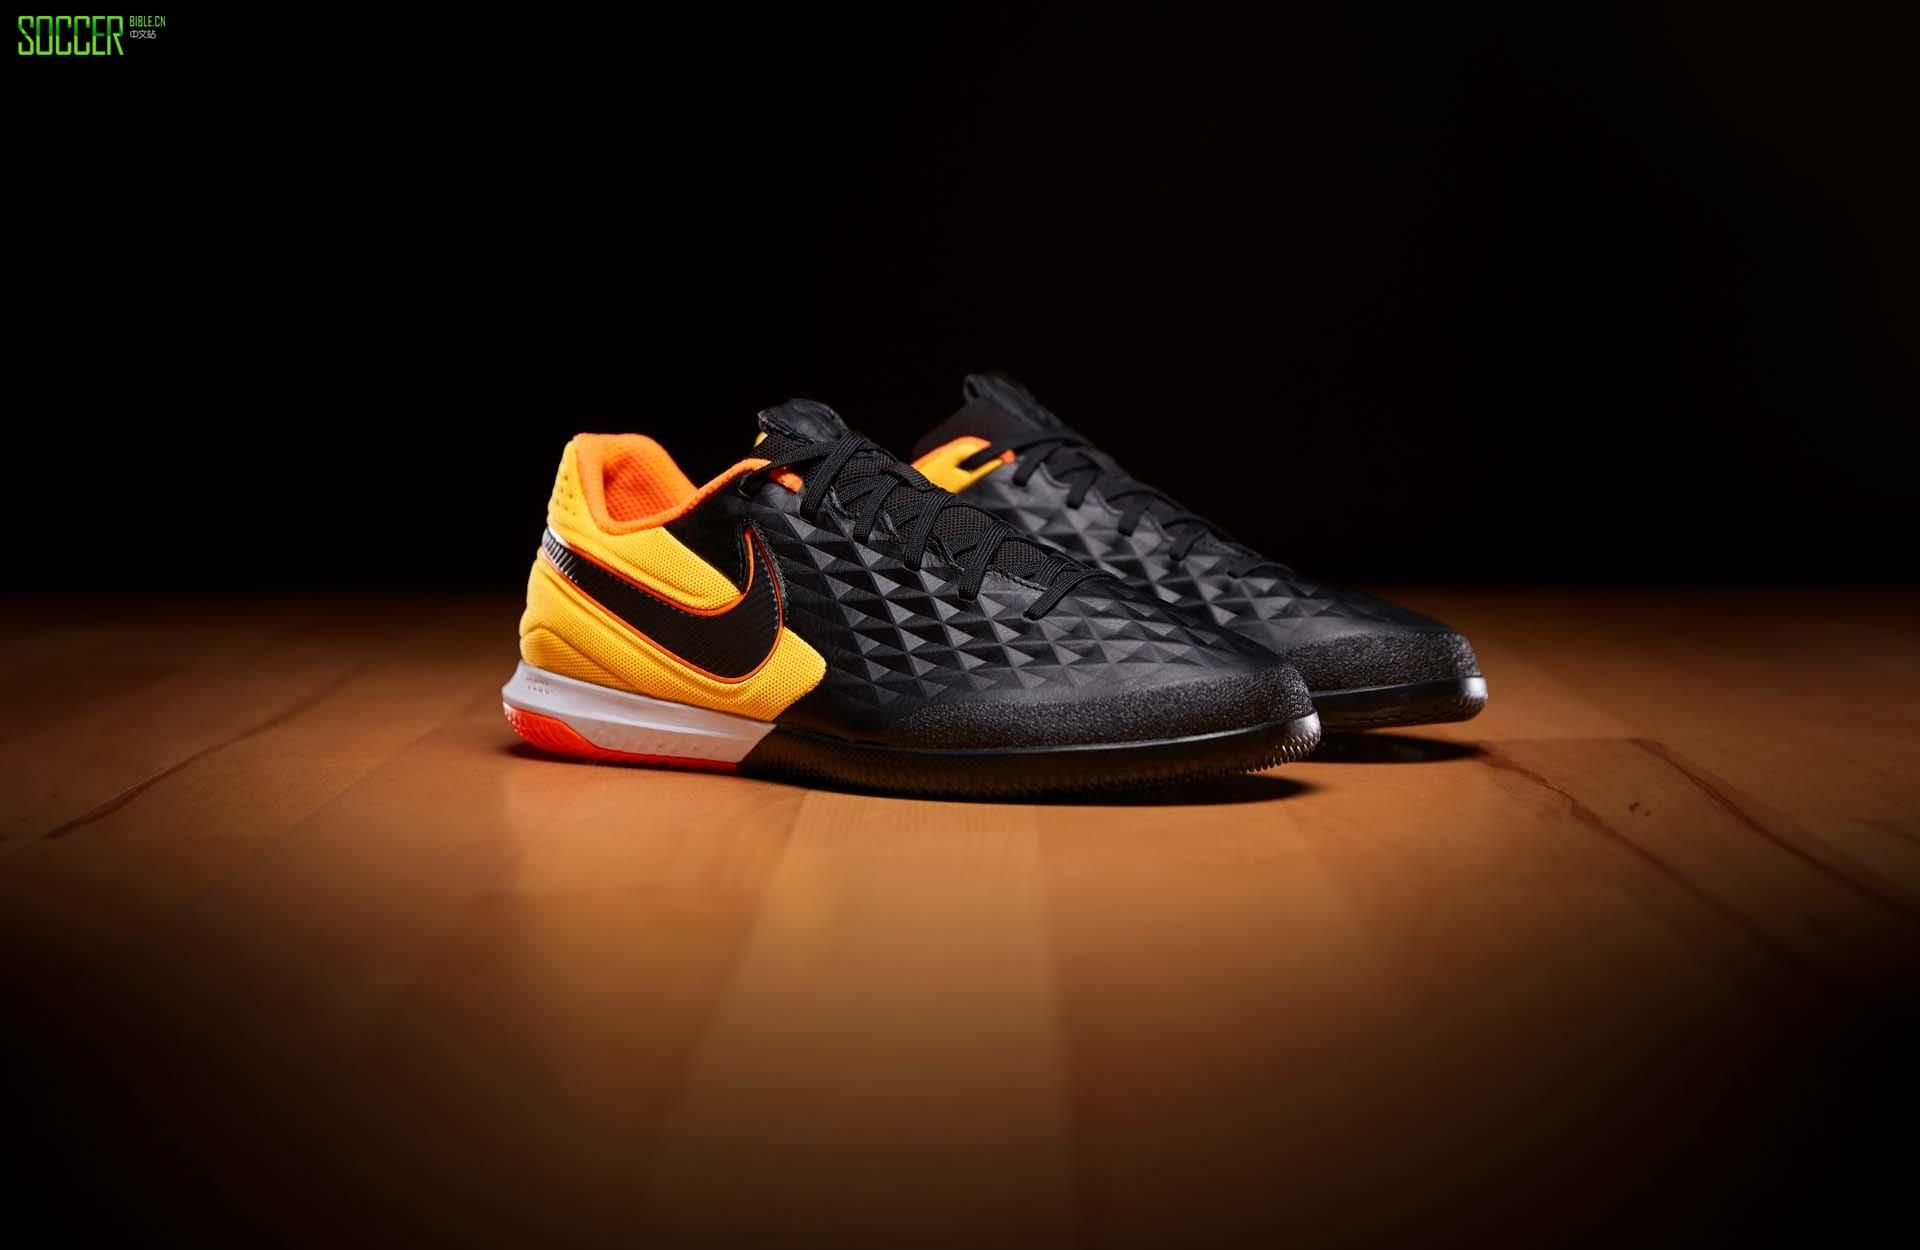 Nike推出小场特别配色系列